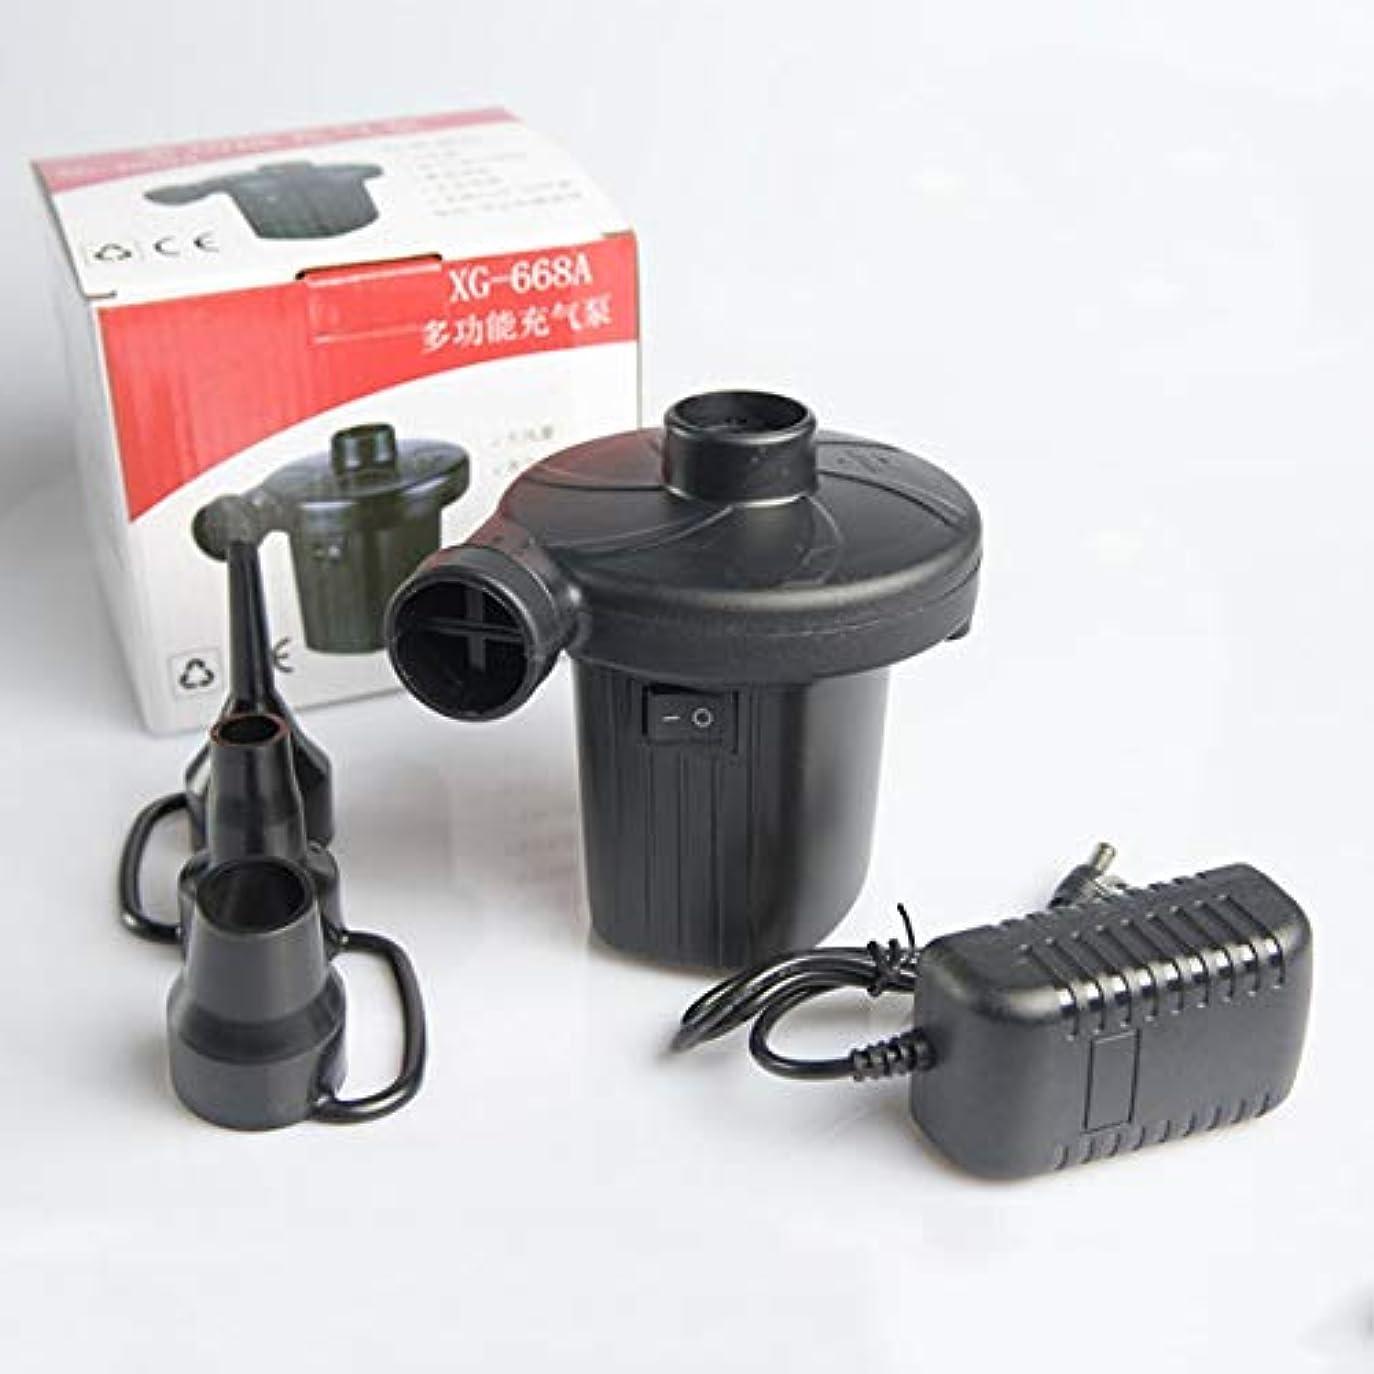 リーチ土砂降りBlackfell AC電気エアーポンプの家の膨脹は100V | 240V / 12V家庭用電化製品の小さい耐久のエアーポンプのために適したのために収縮します